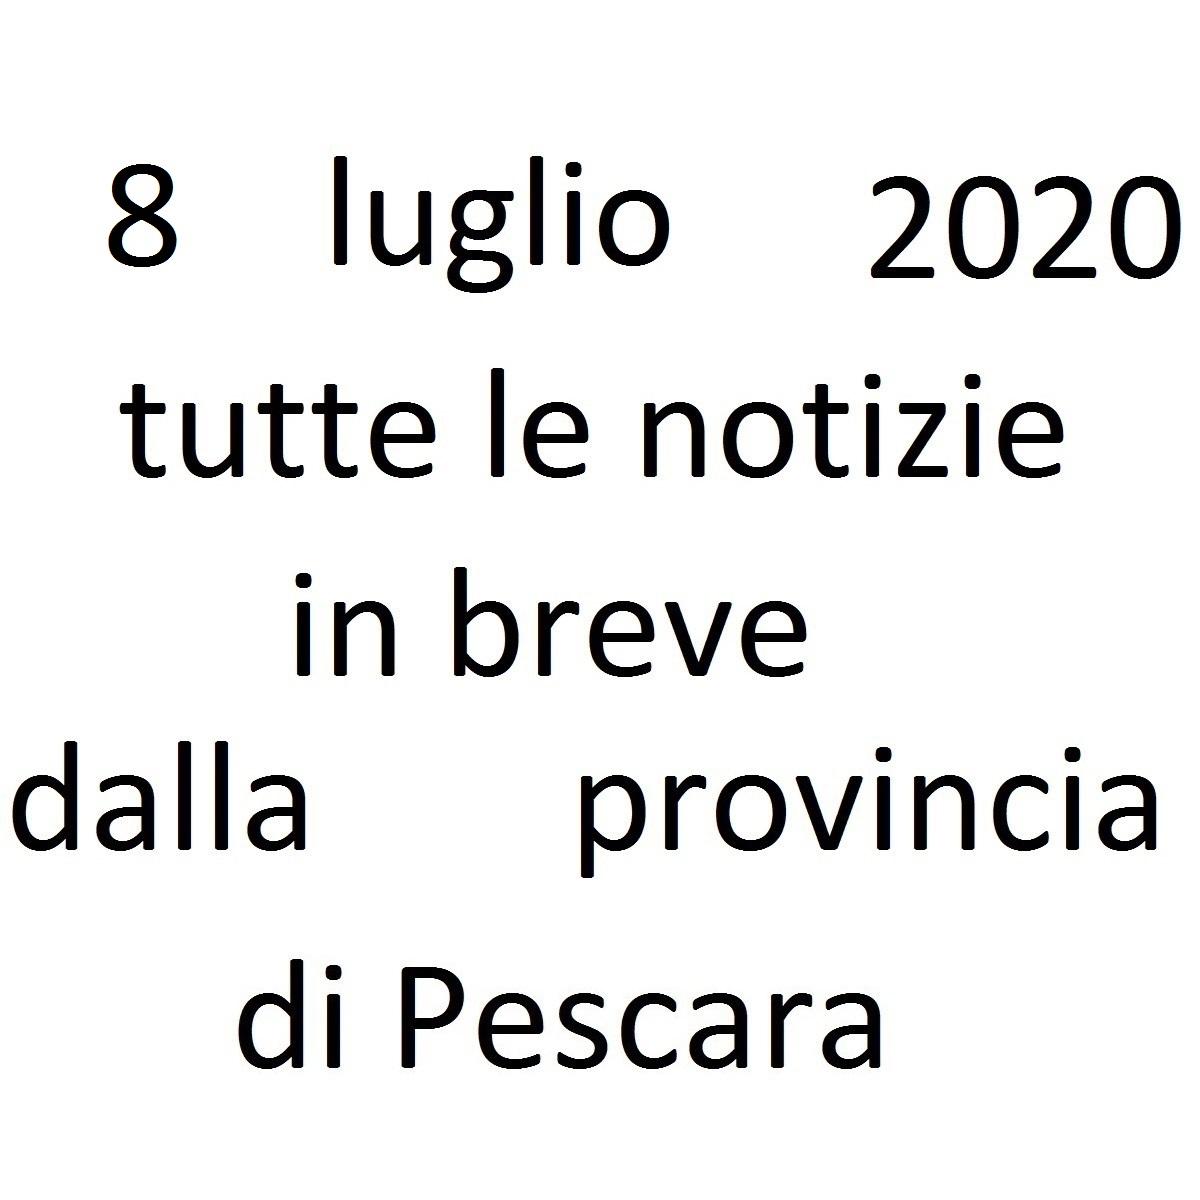 8 luglio 2020 notizie in breve dalla Provincia di Pescara foto